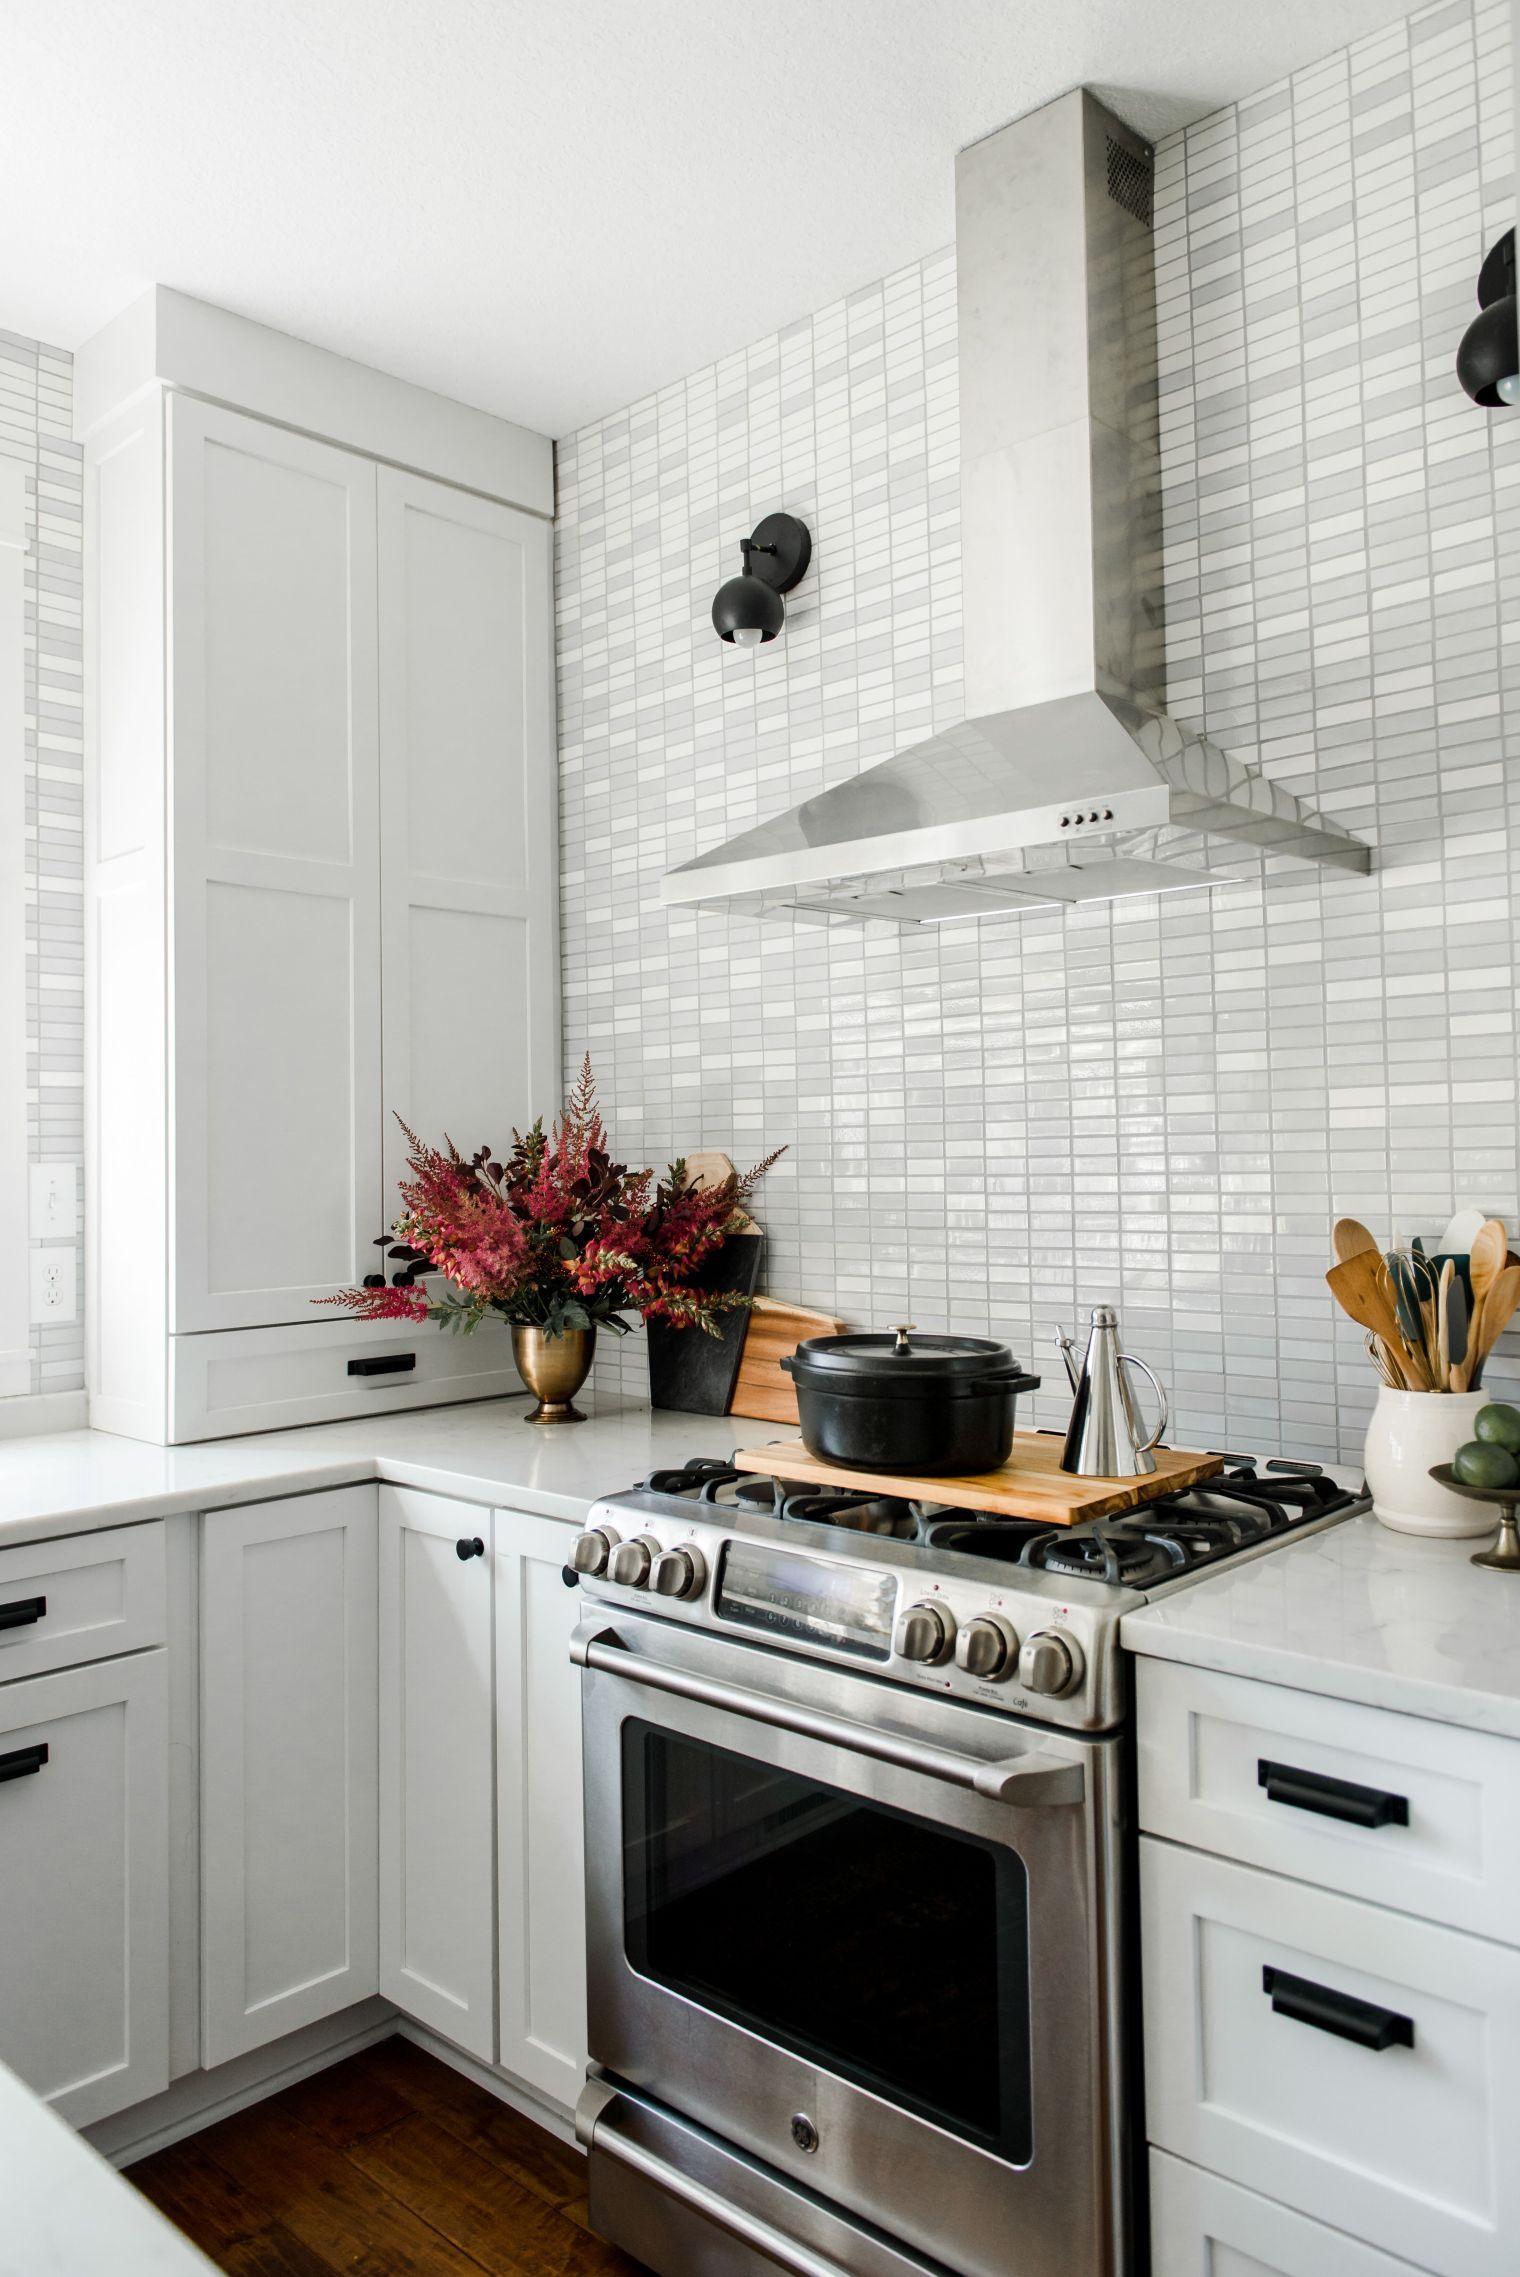 - Mosaic Tile Back Splash Kitchen Backsplash Designs, Custom Tile